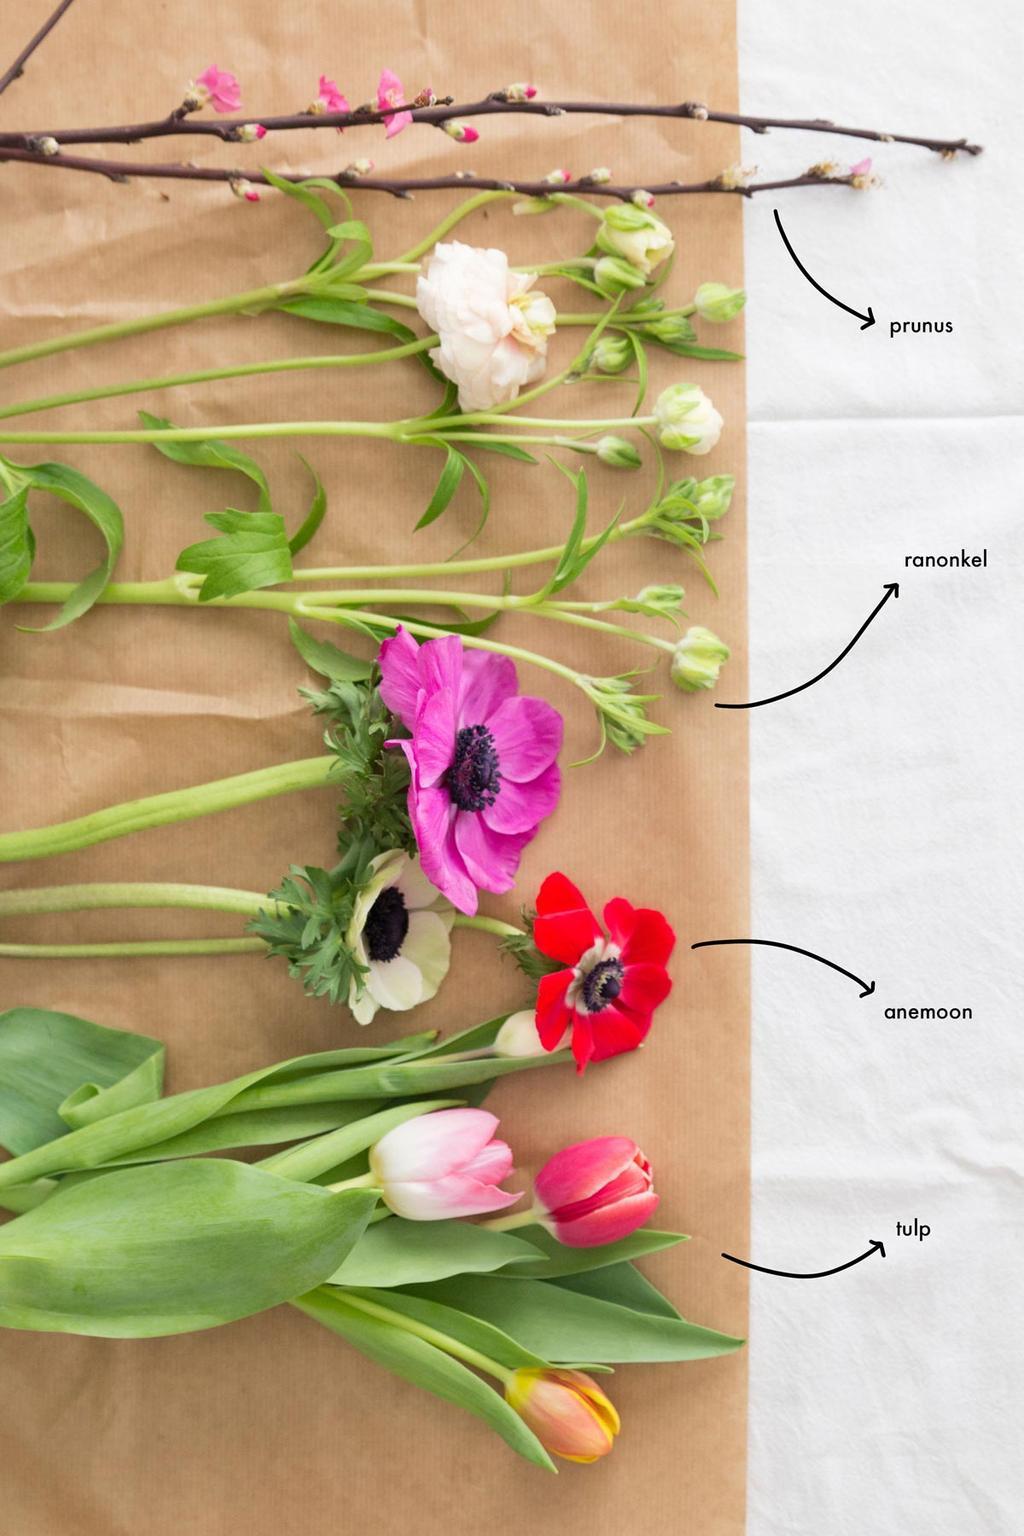 Liggende voorjaarsbloemen met beschrijving